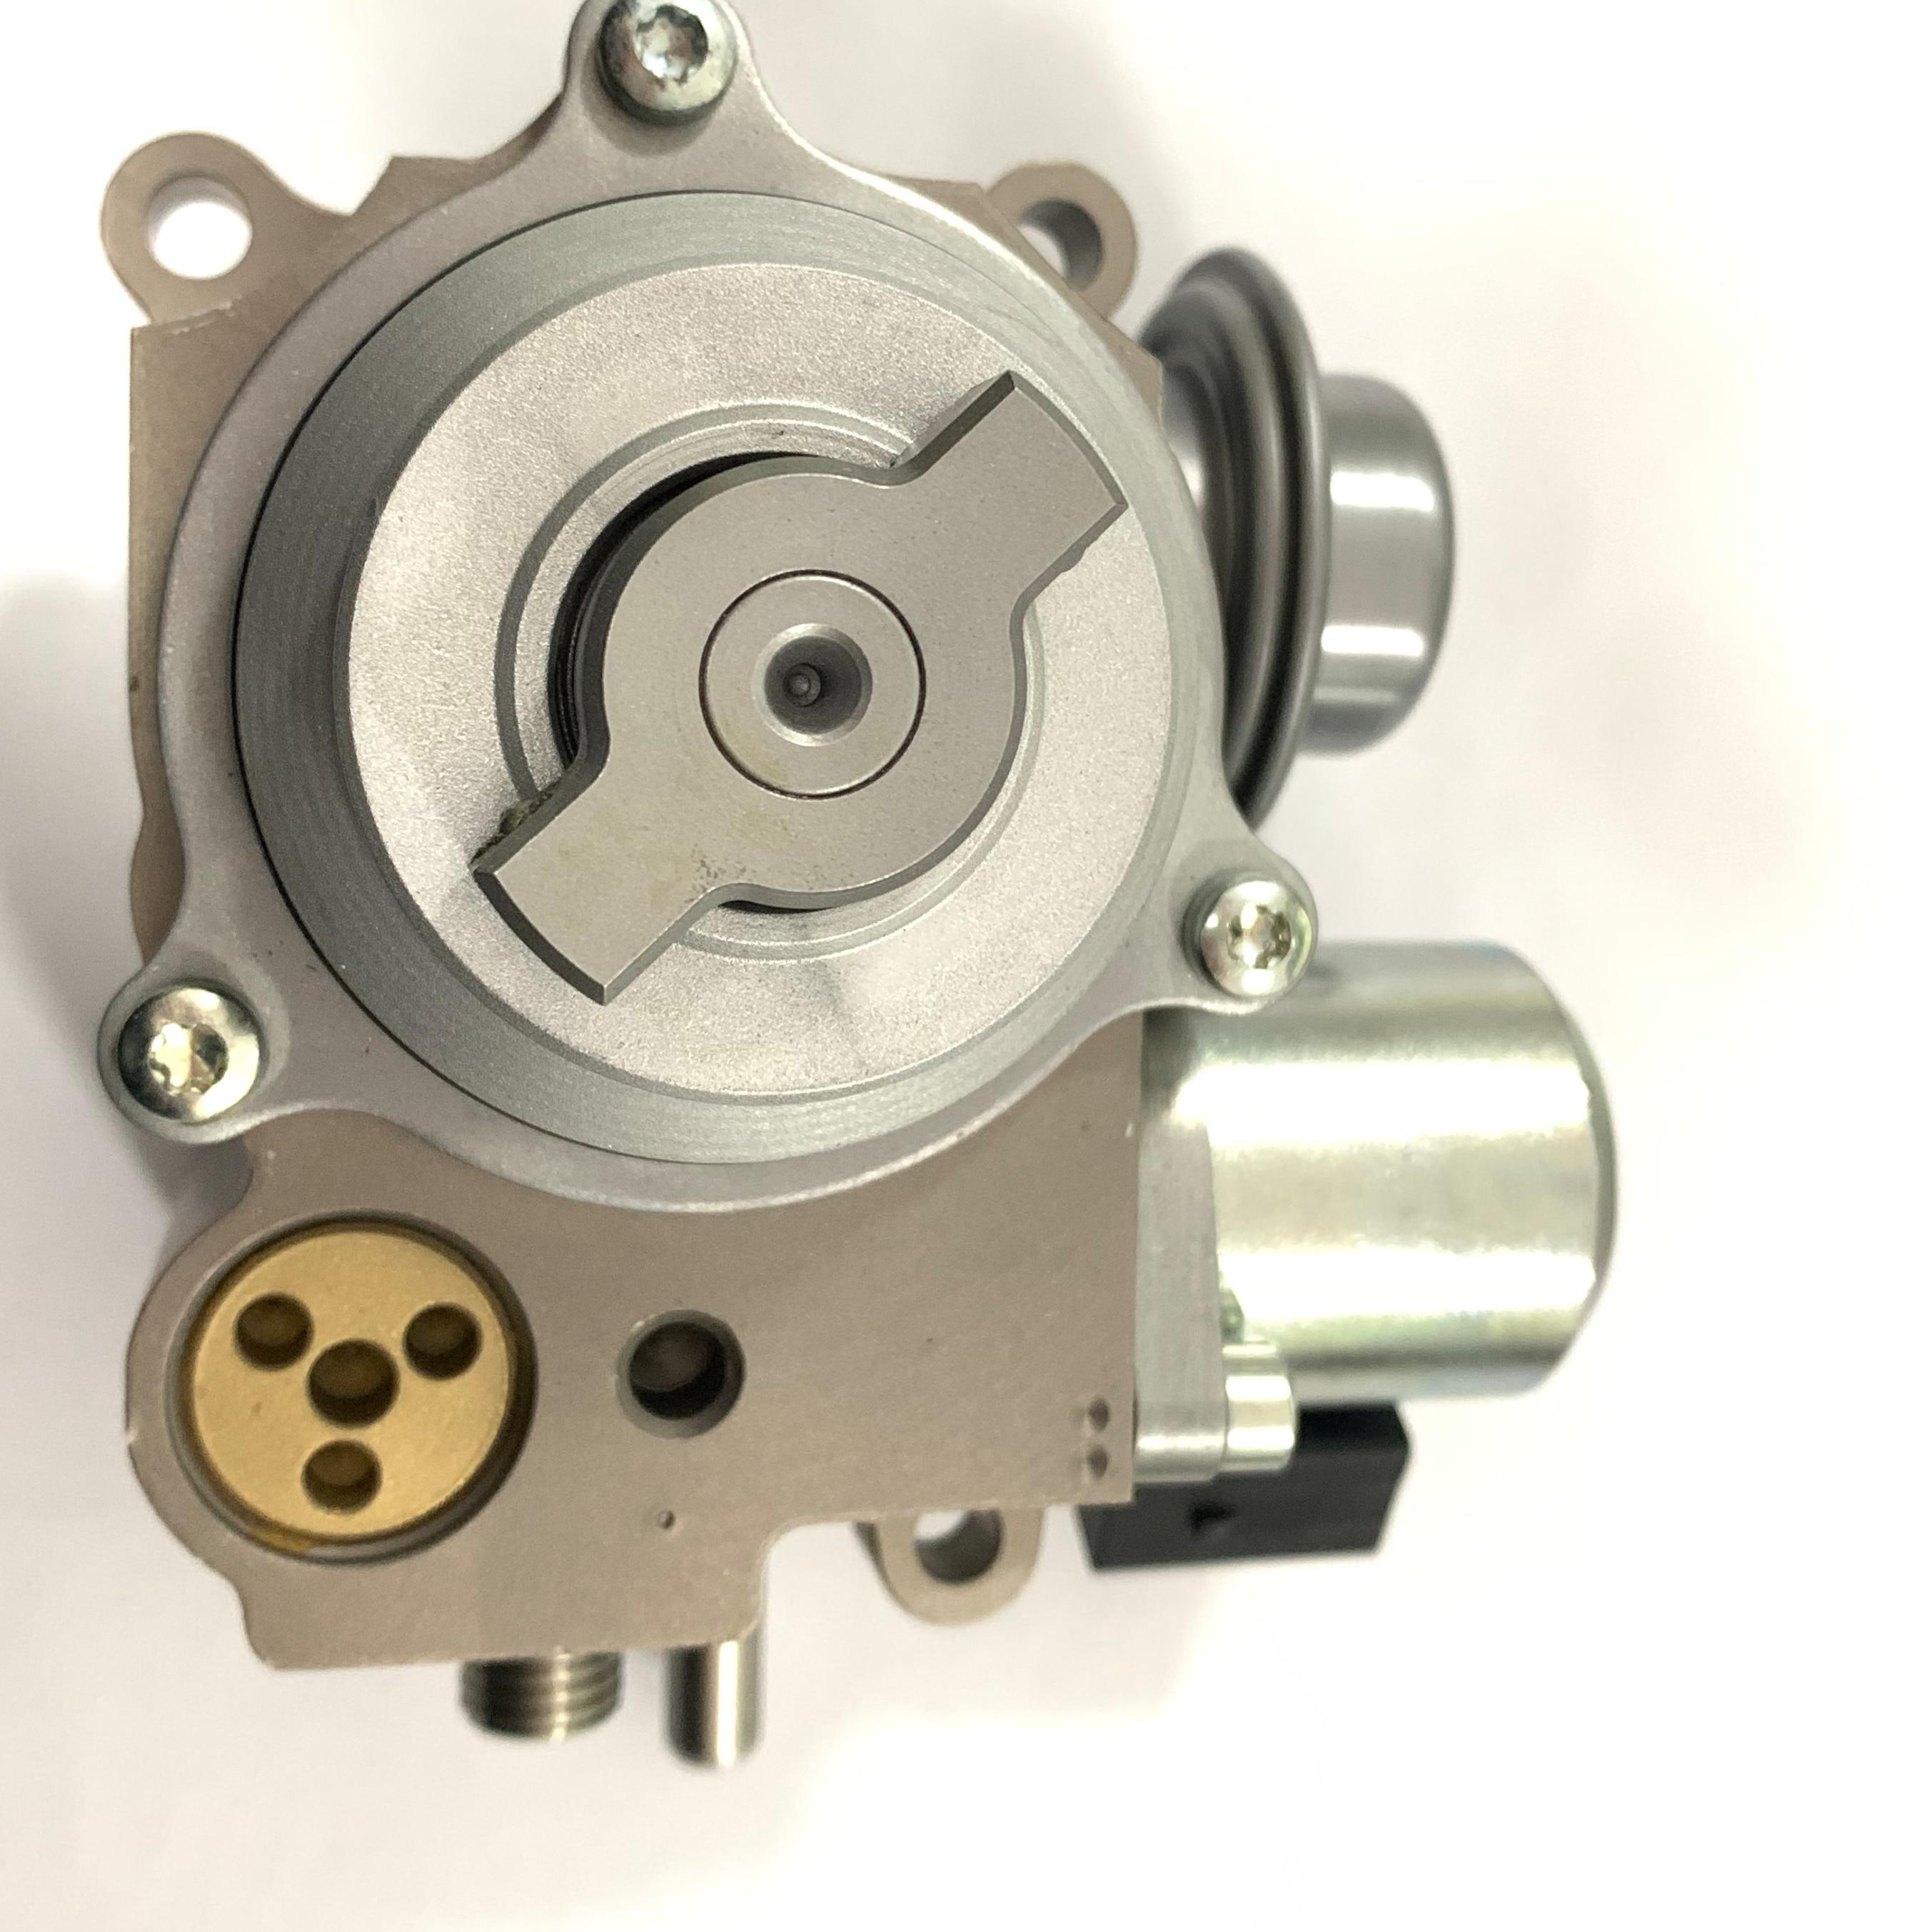 مضخة الوقود حقن الوقود الميكانيكية مع طوقا حقيقية 13517592429 لسيارات BMW كوبر (المستخدمة)